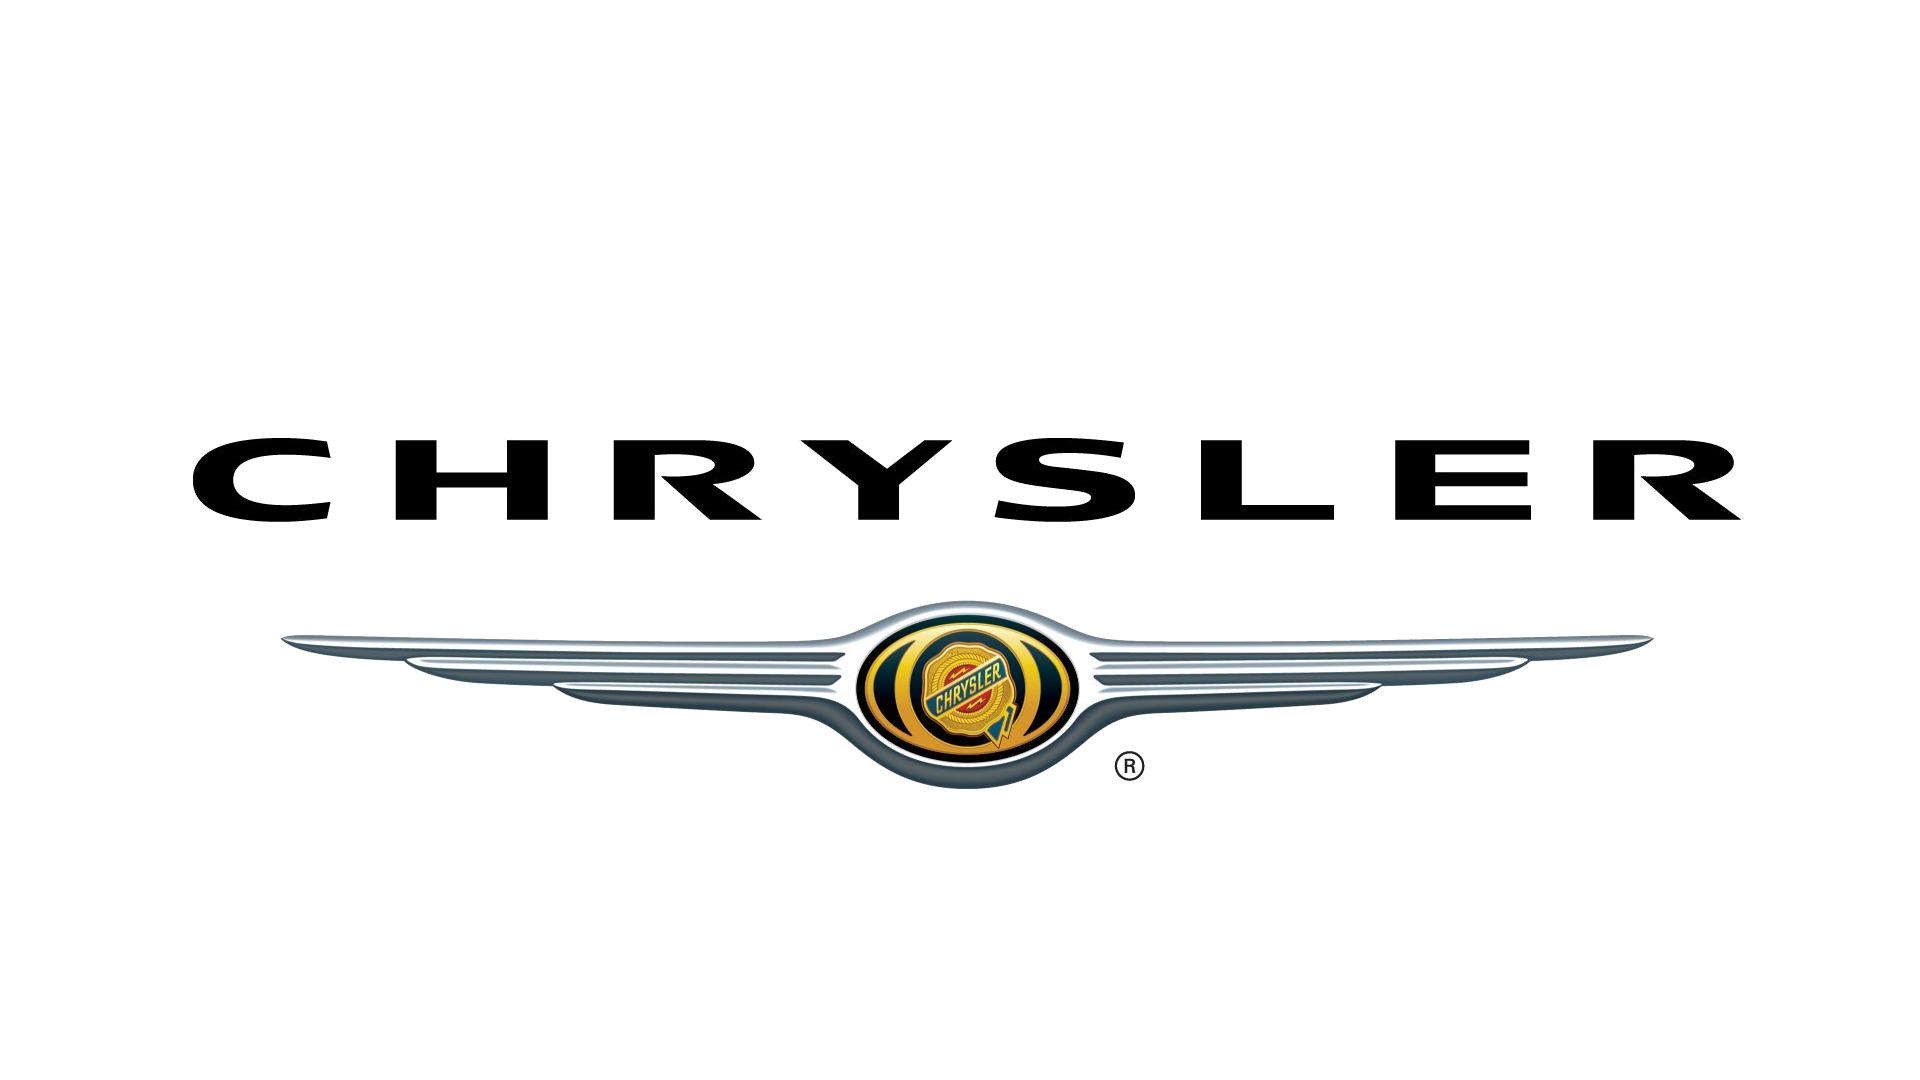 Chrysler – Logos Download